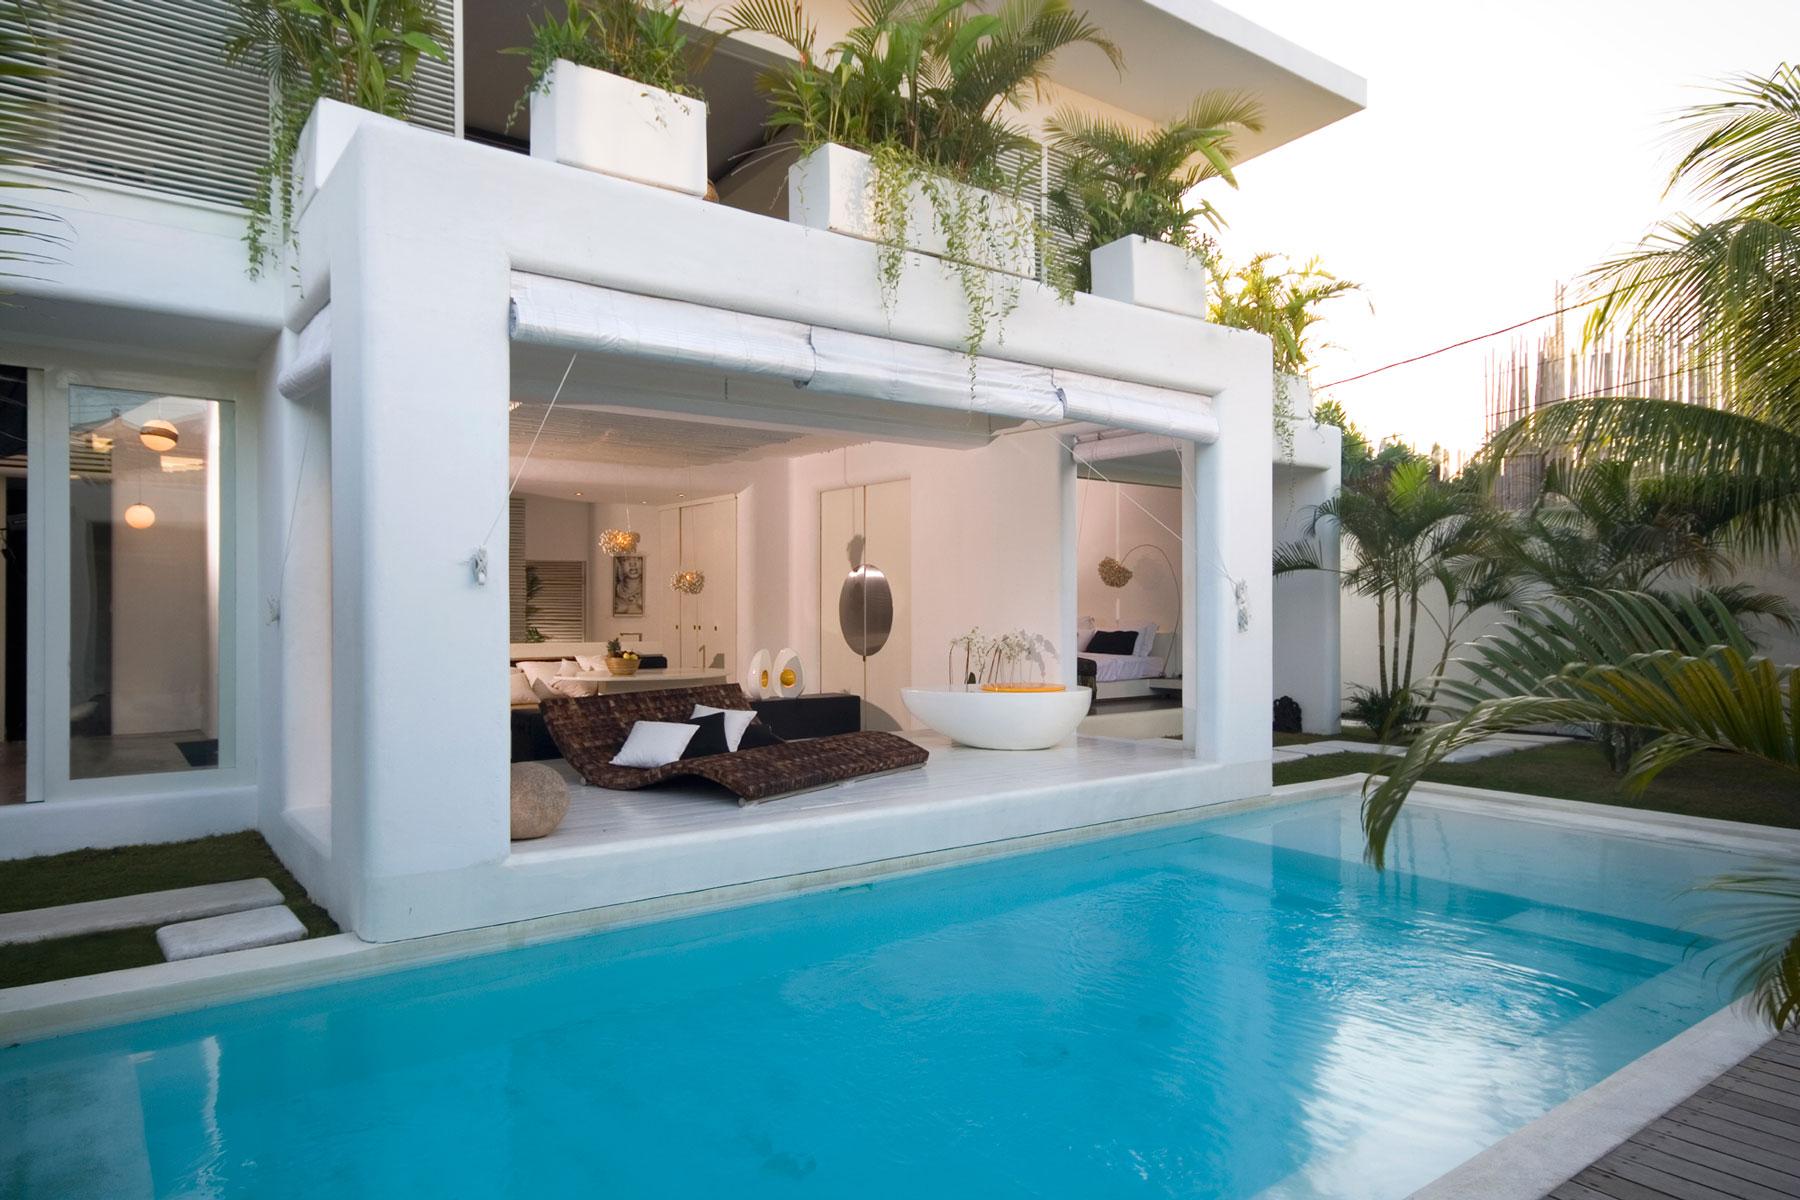 «Дом мечты» в курортной зоне, какой он?